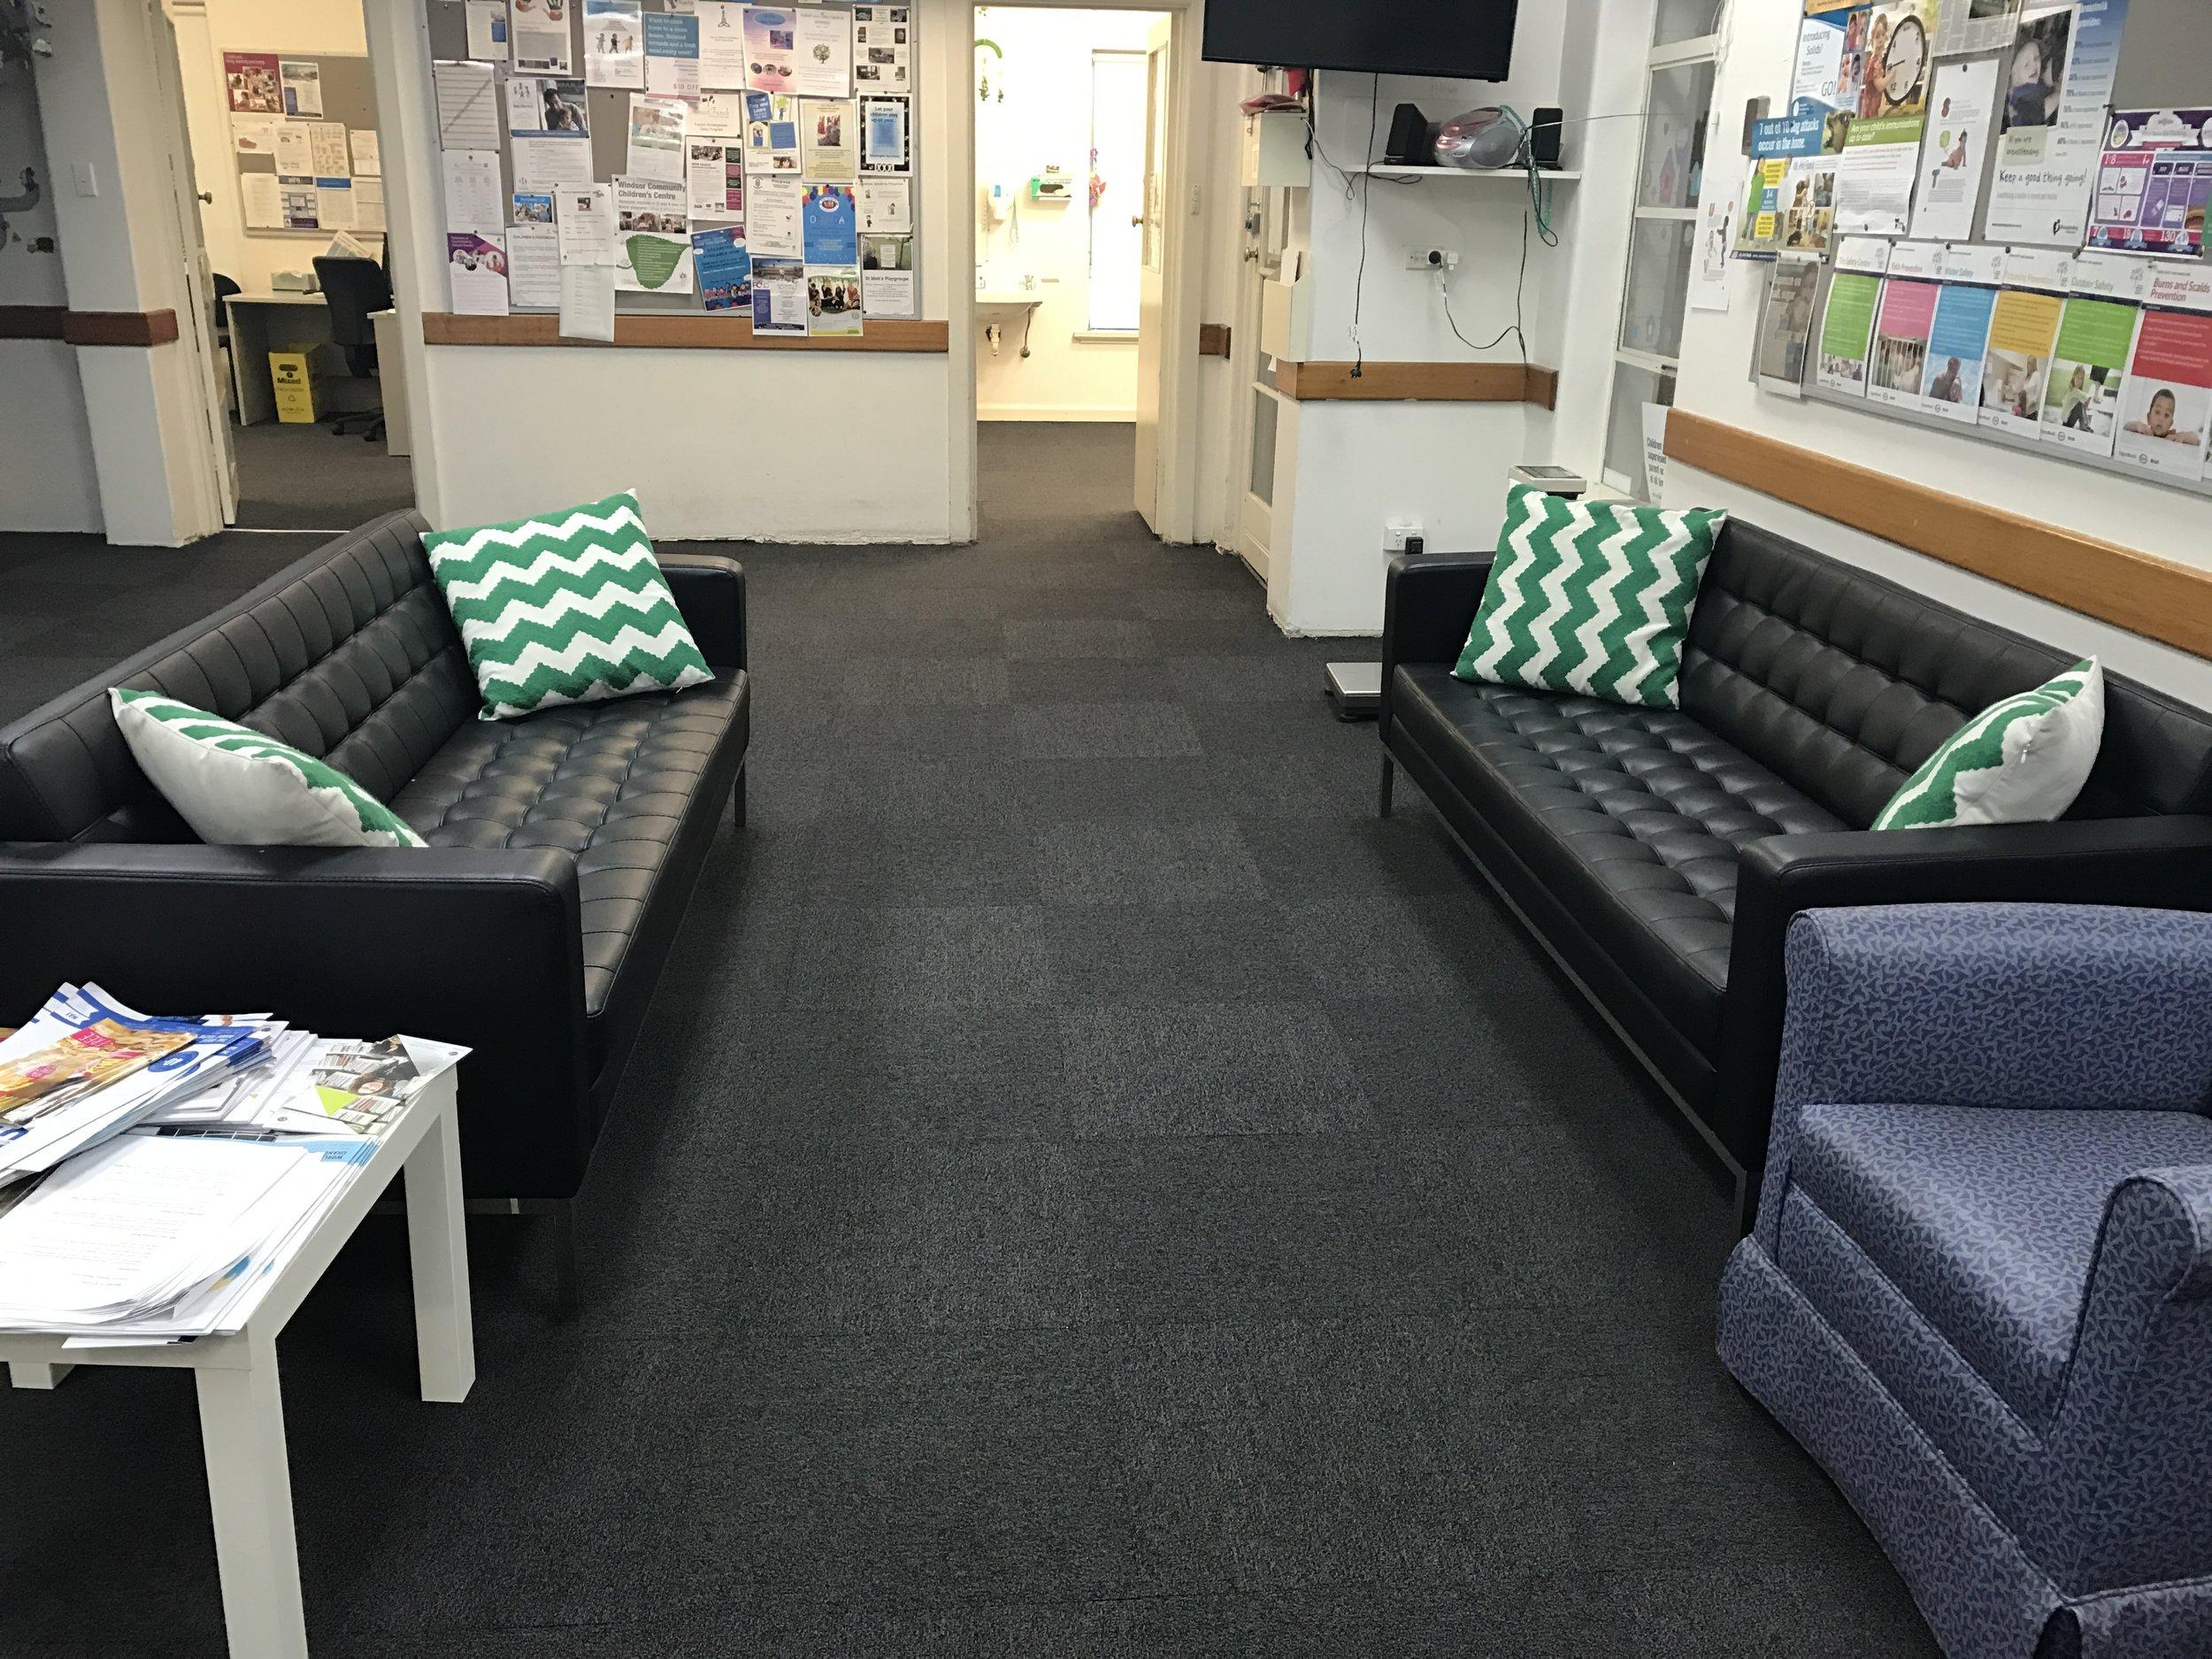 Health Centre - Carpet tiles